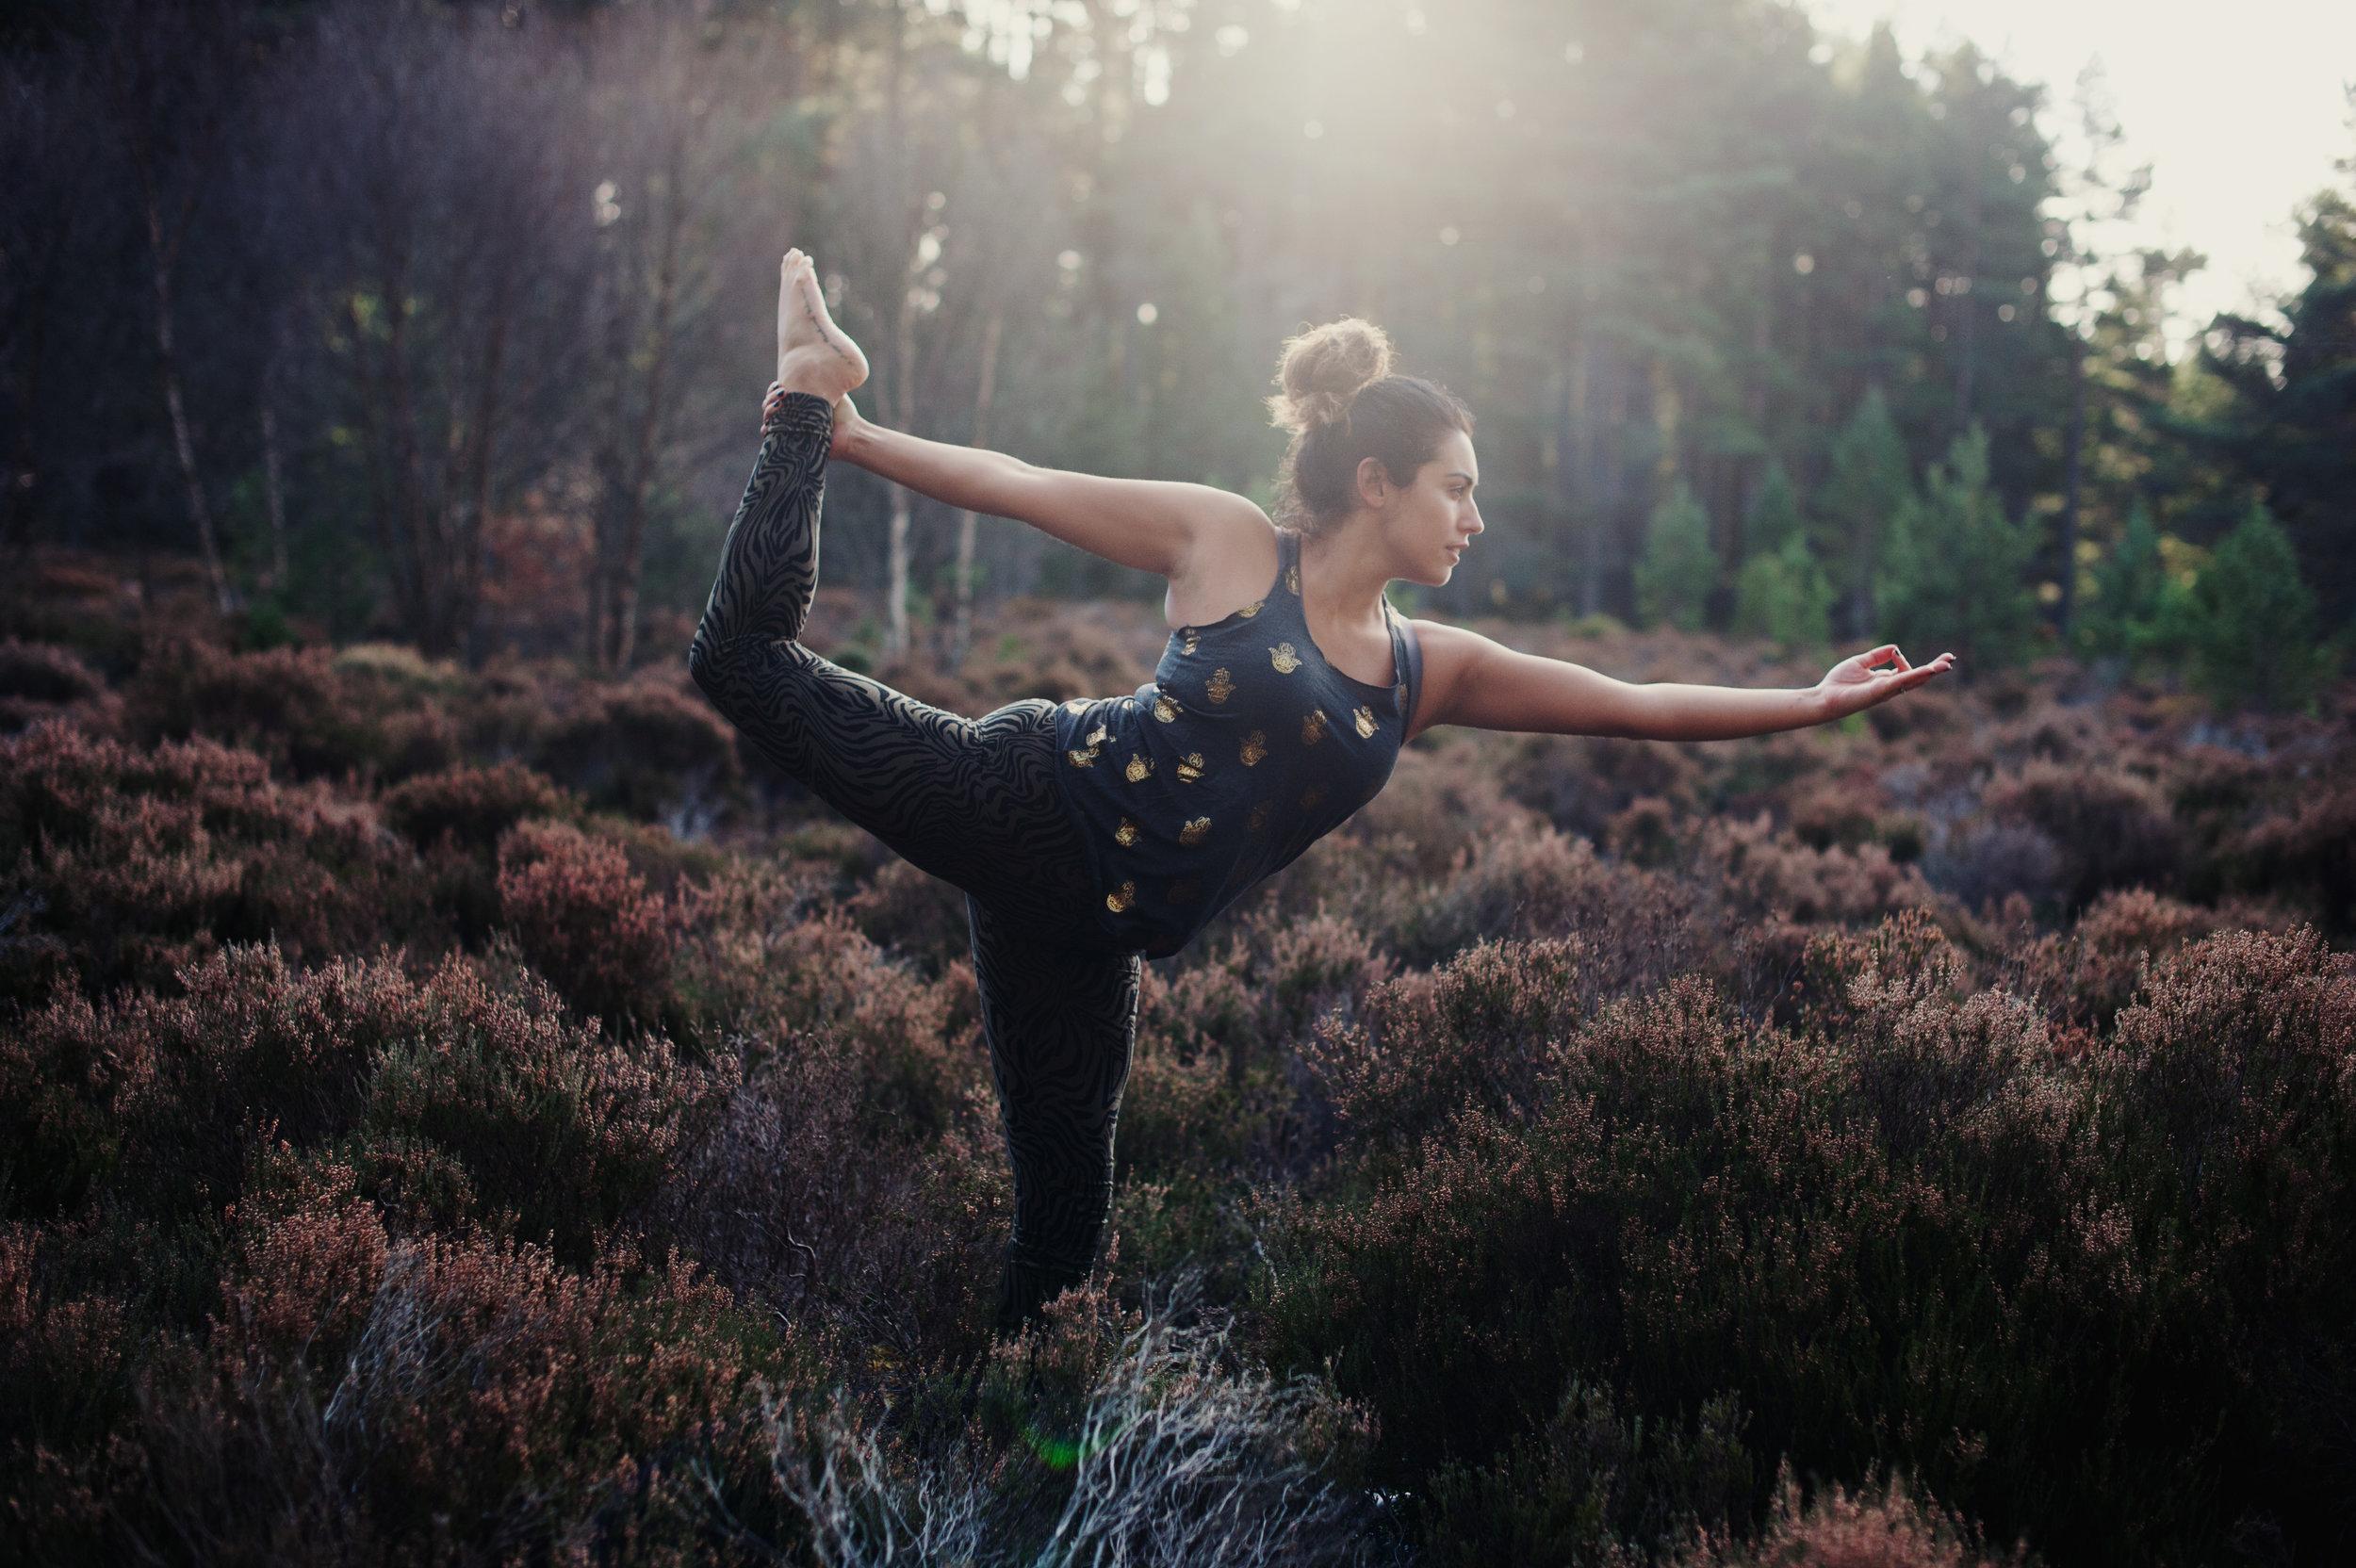 yoga-picture-scottish-highlands-2-warrior-dancer-pose.jpg